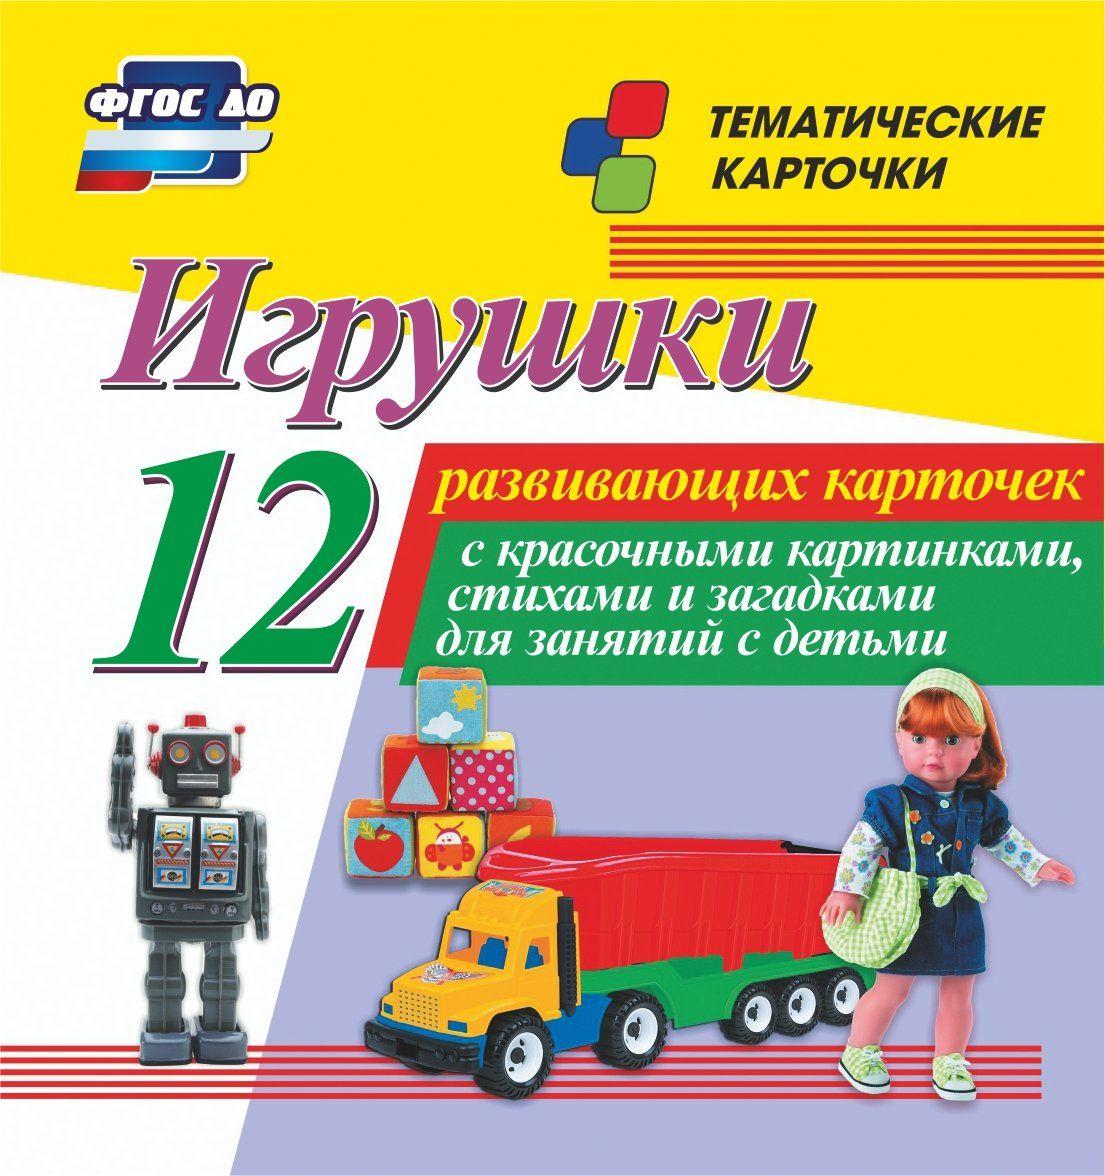 Игрушки: 12 развивающих карточек с красочными картинками, стихами и загадками для занятий с детьмиРазвивай-ка<br>Комплект тематических карточек Игрушки:1. кубики; 2. пирамидка; 3. кукла; 4. плюшевый заяц; 5. мяч; 6. машина; 7. матрешка; 8. деревянная лошадка; 9. неваляшка; 10. детская коляска; 11. робот; 12. юла.<br><br>Год: 2017<br>Серия: Тематические карточки<br>Высота: 99<br>Ширина: 93<br>Толщина: 8<br>Переплёт: набор